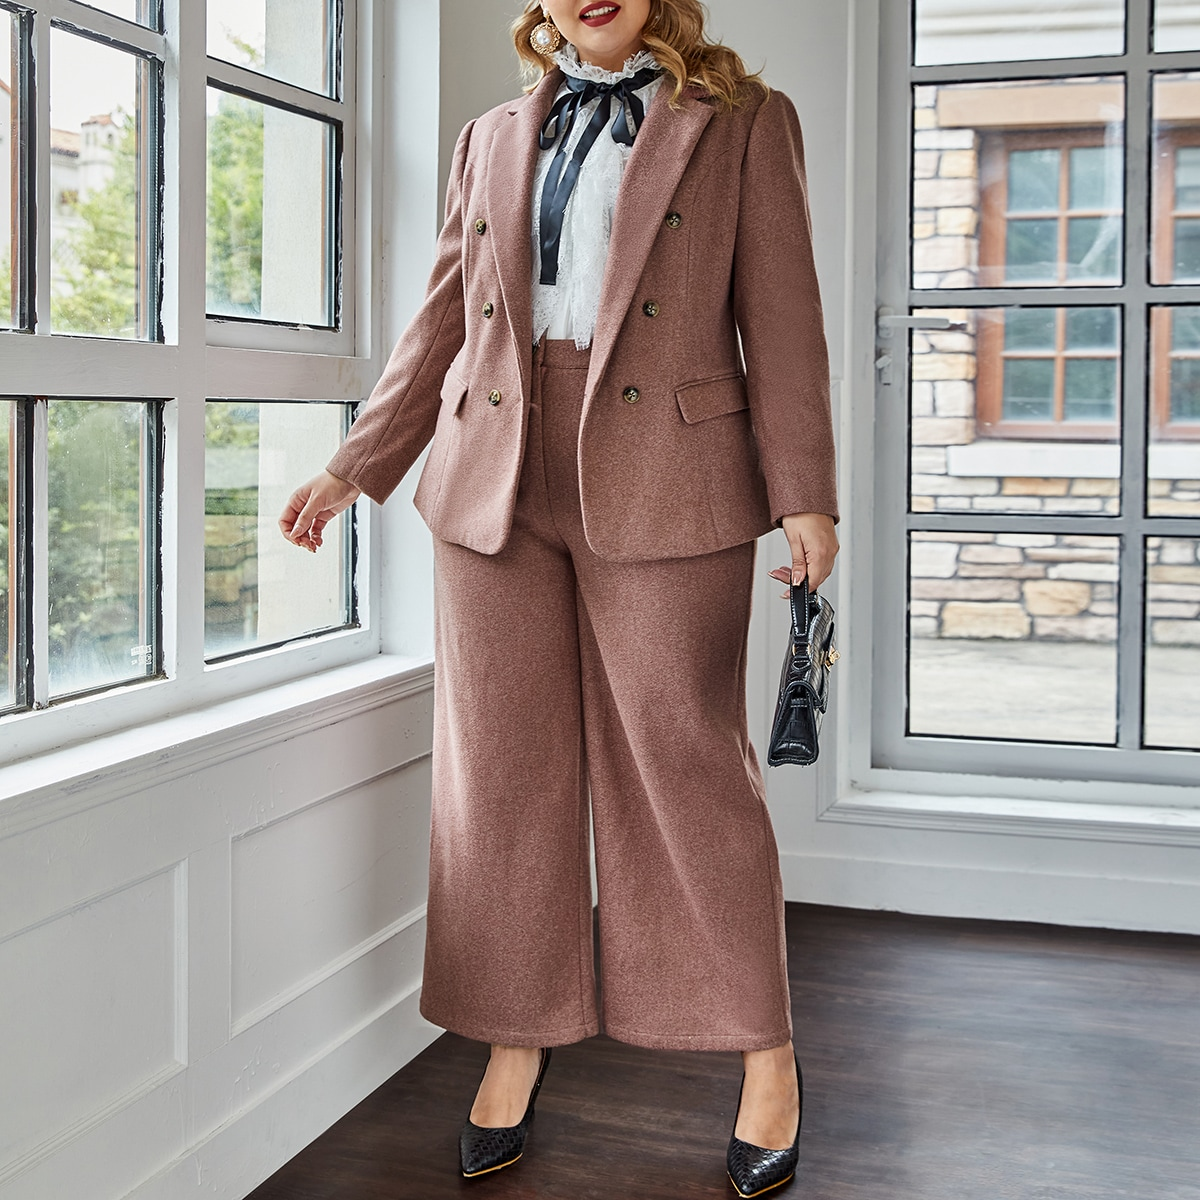 Пиджак с лацканами и брюки палаццо размера плюс